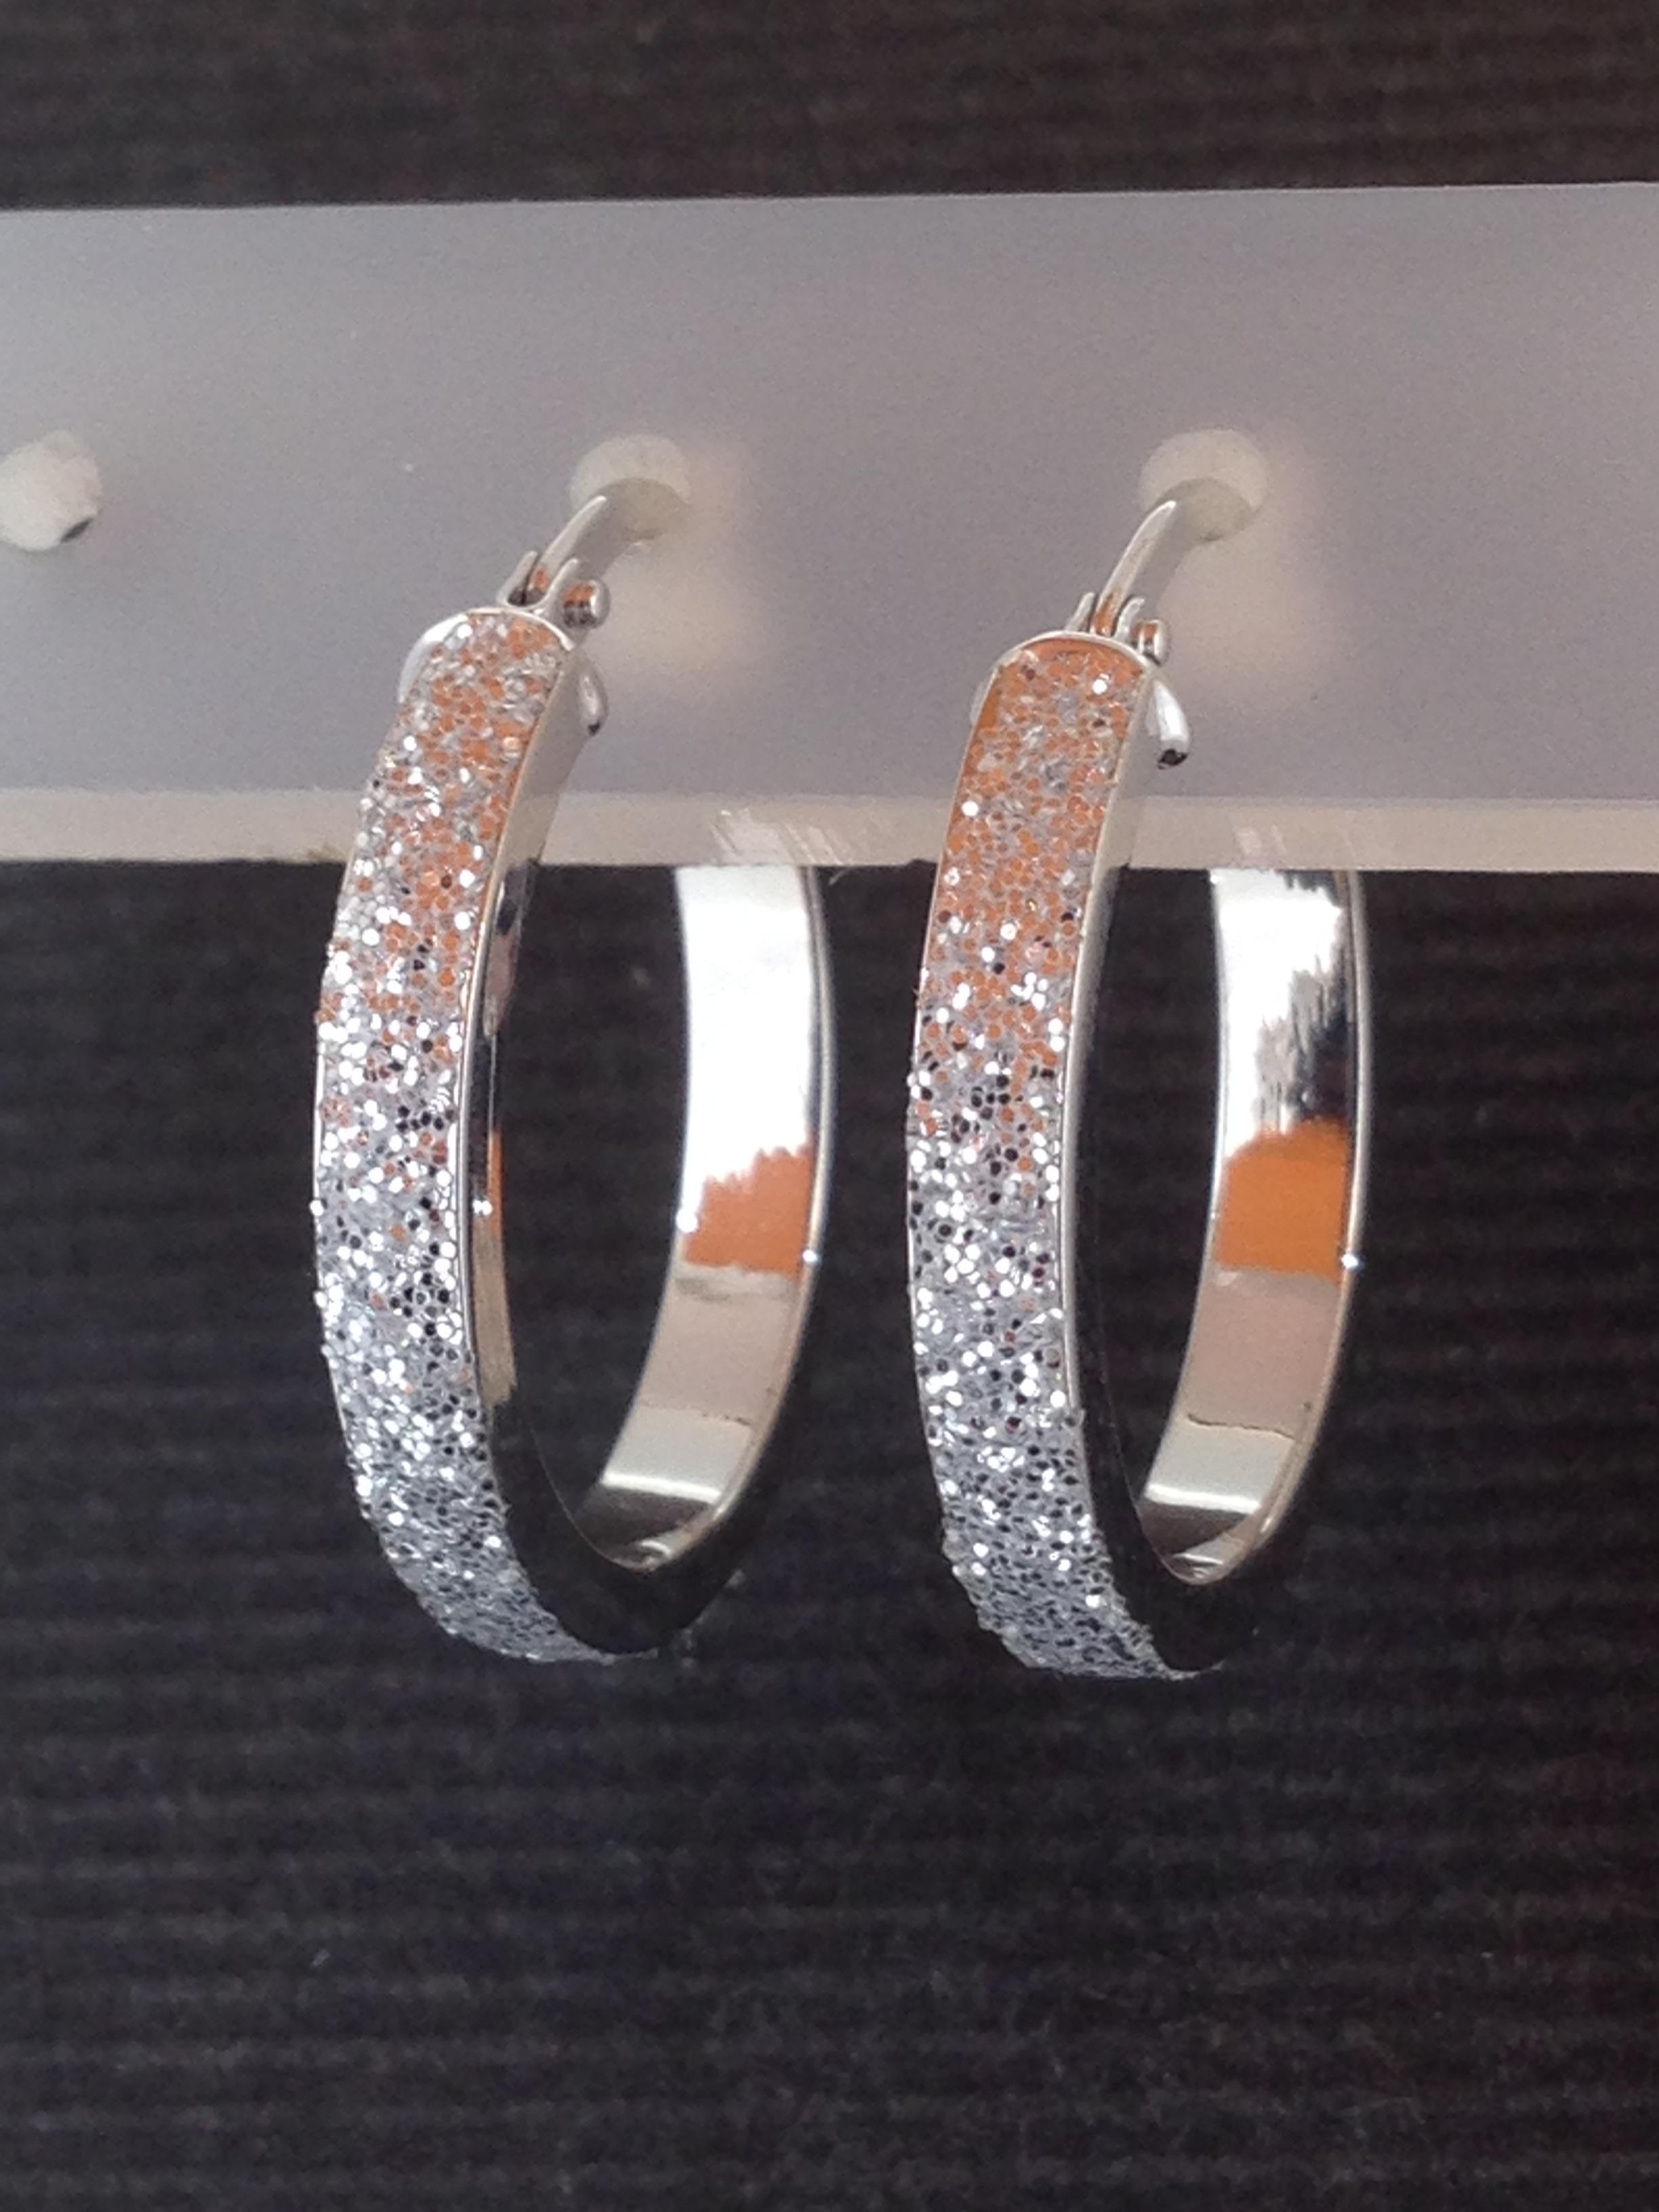 Boucles d'oreilles créole or blanc 18 carats